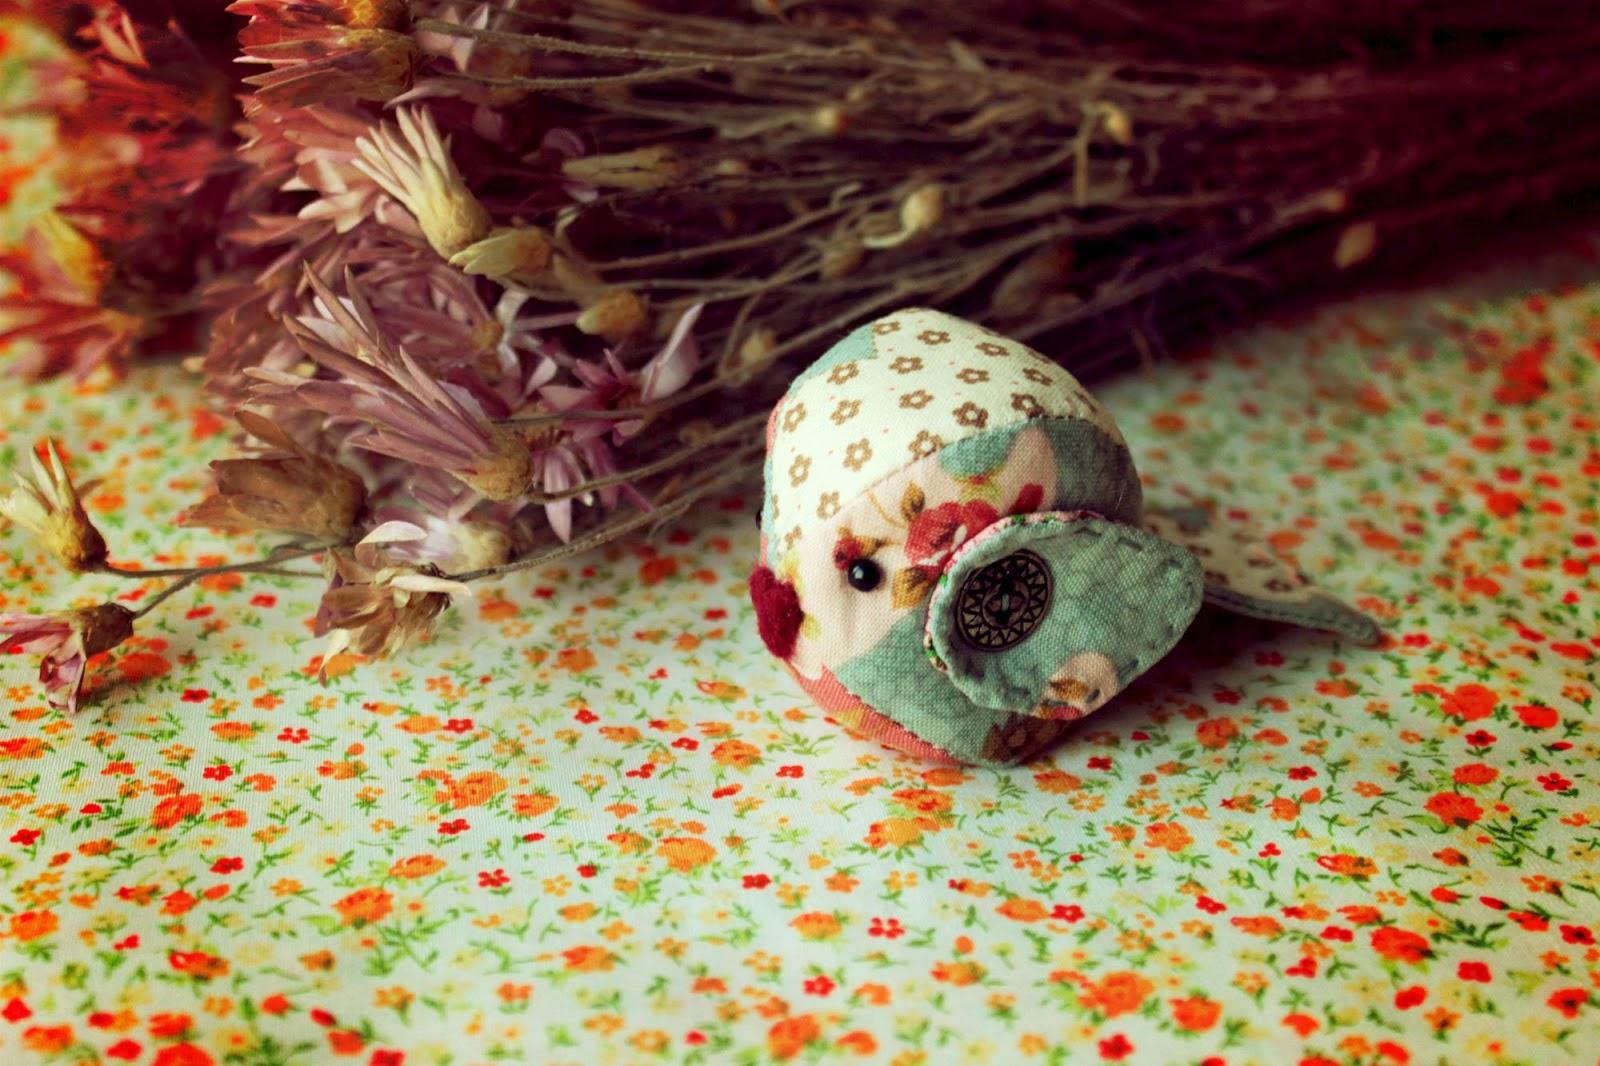 текстильные птички, пухленькая птичка, сувениры к пасхе, шьем птичку, украшение интерьера, для дома, для уюта, украшаем дом, птичка своими руками, пухленькие птички, шьем птичек,  птицы своими руками